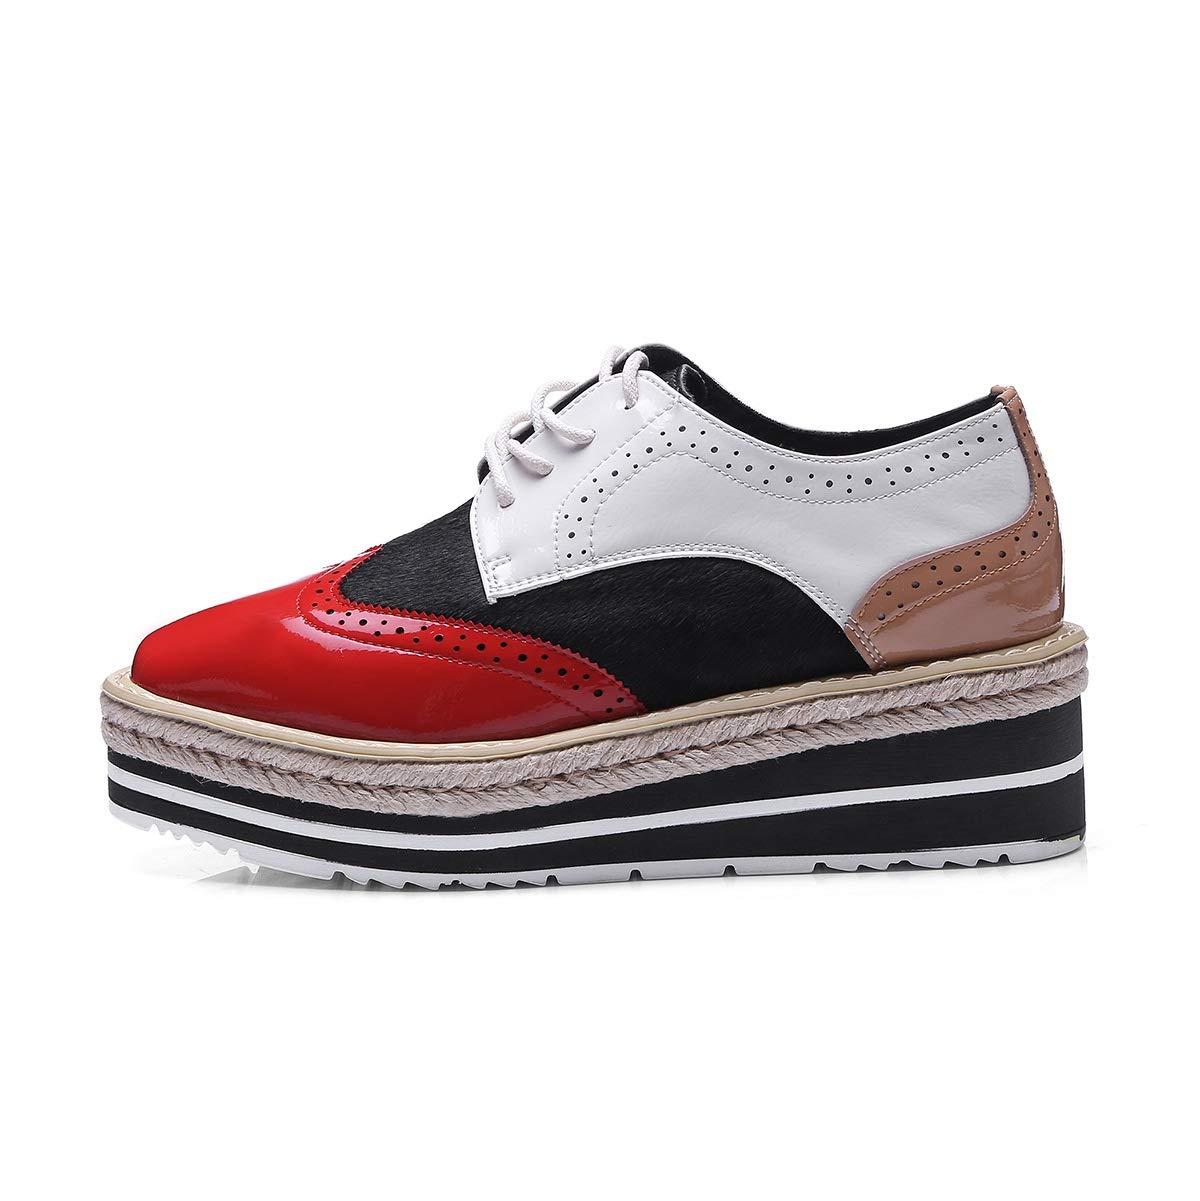 HNShoes Mujer Mocasines Cuñas Tacón Plataforma Rojo Negro Colegio con Cordones Zapatos Casual Confort Mocasín Primavera Otoño: Amazon.es: Deportes y aire ...